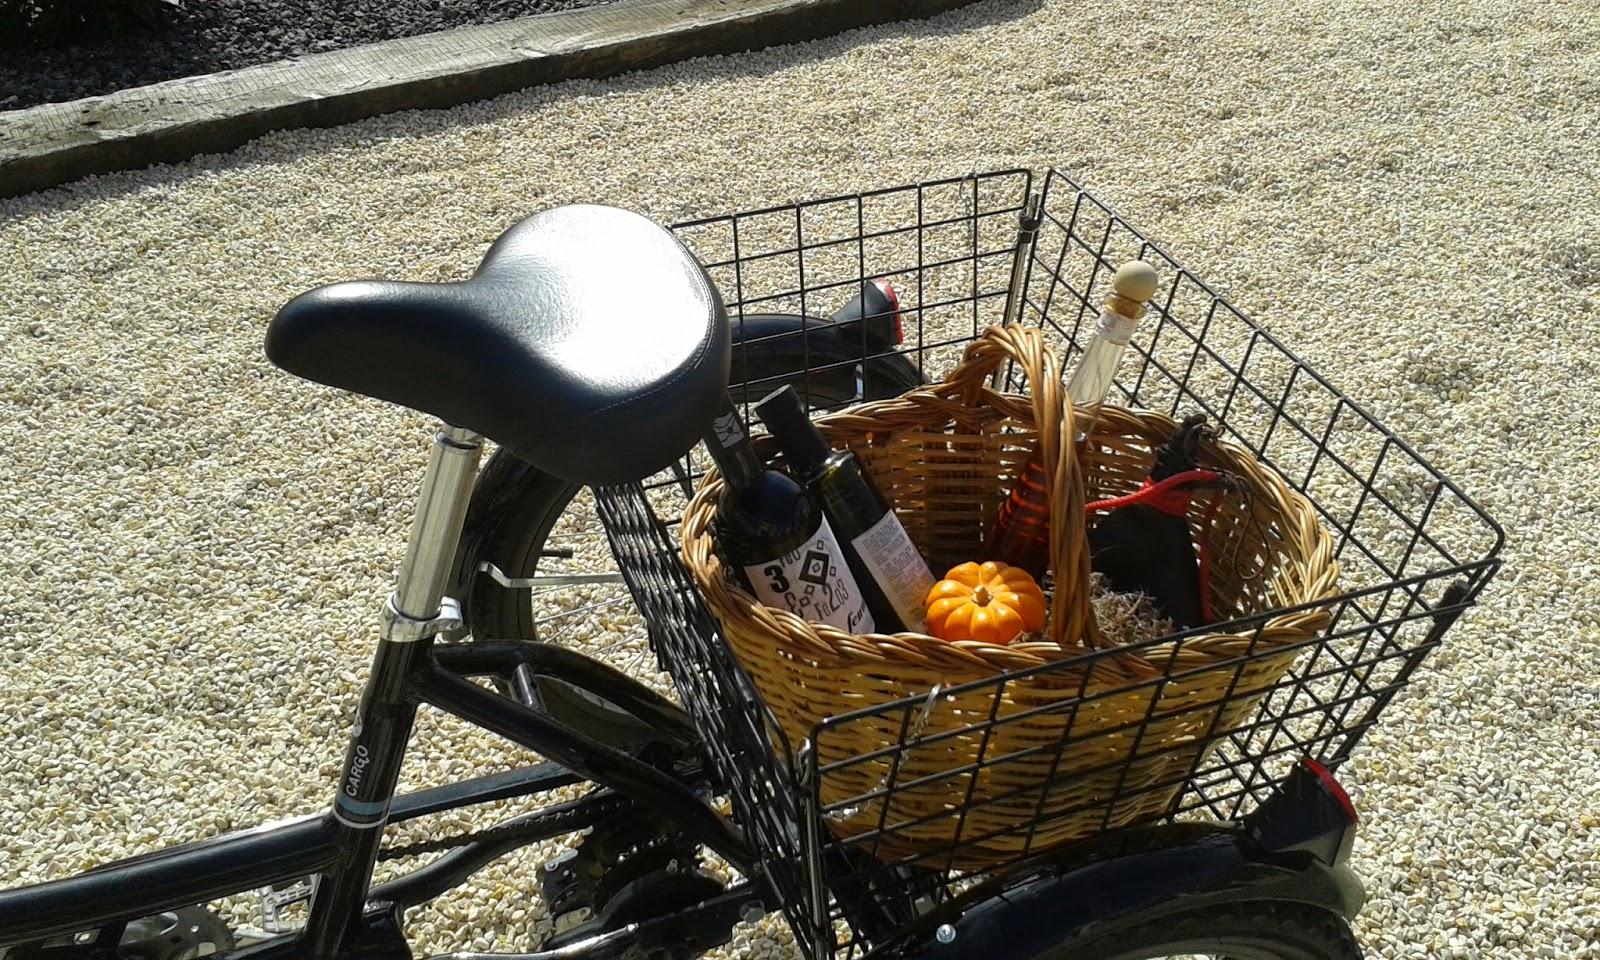 Rutes de vi i bicicleta